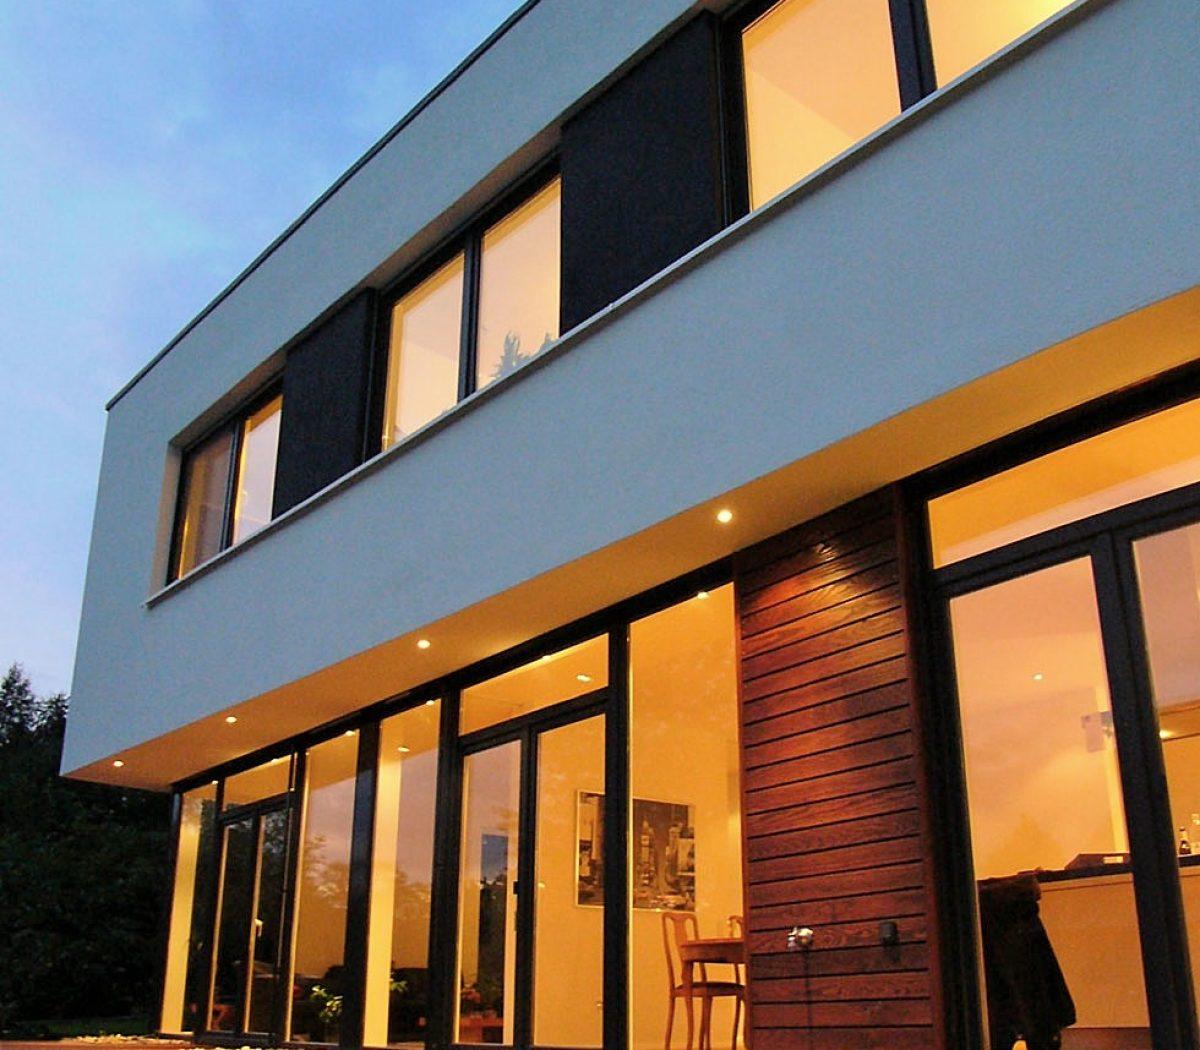 Haus Ge in Dortmund